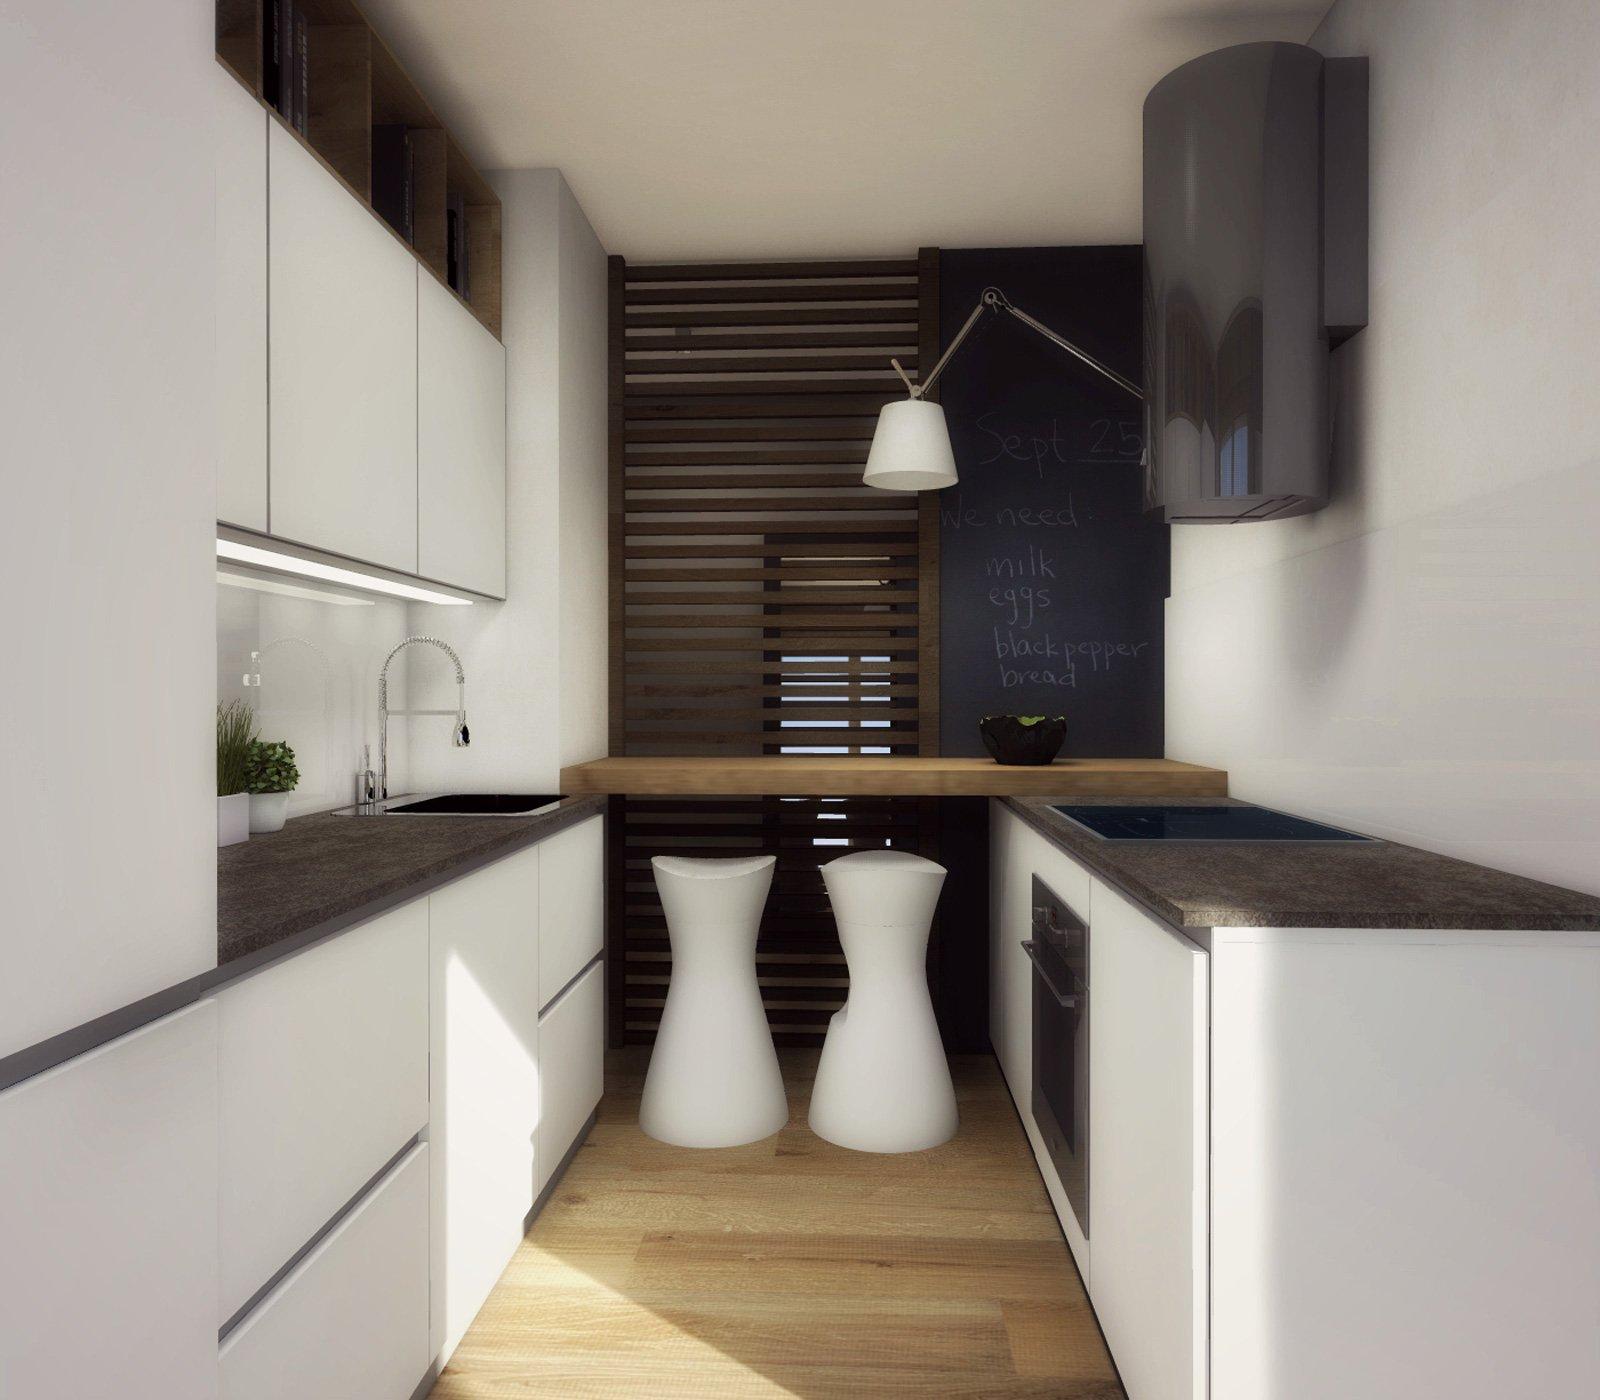 Arredamento cucine piccole un progetto per meno di 6 mq for 2 metri quadrati di garage